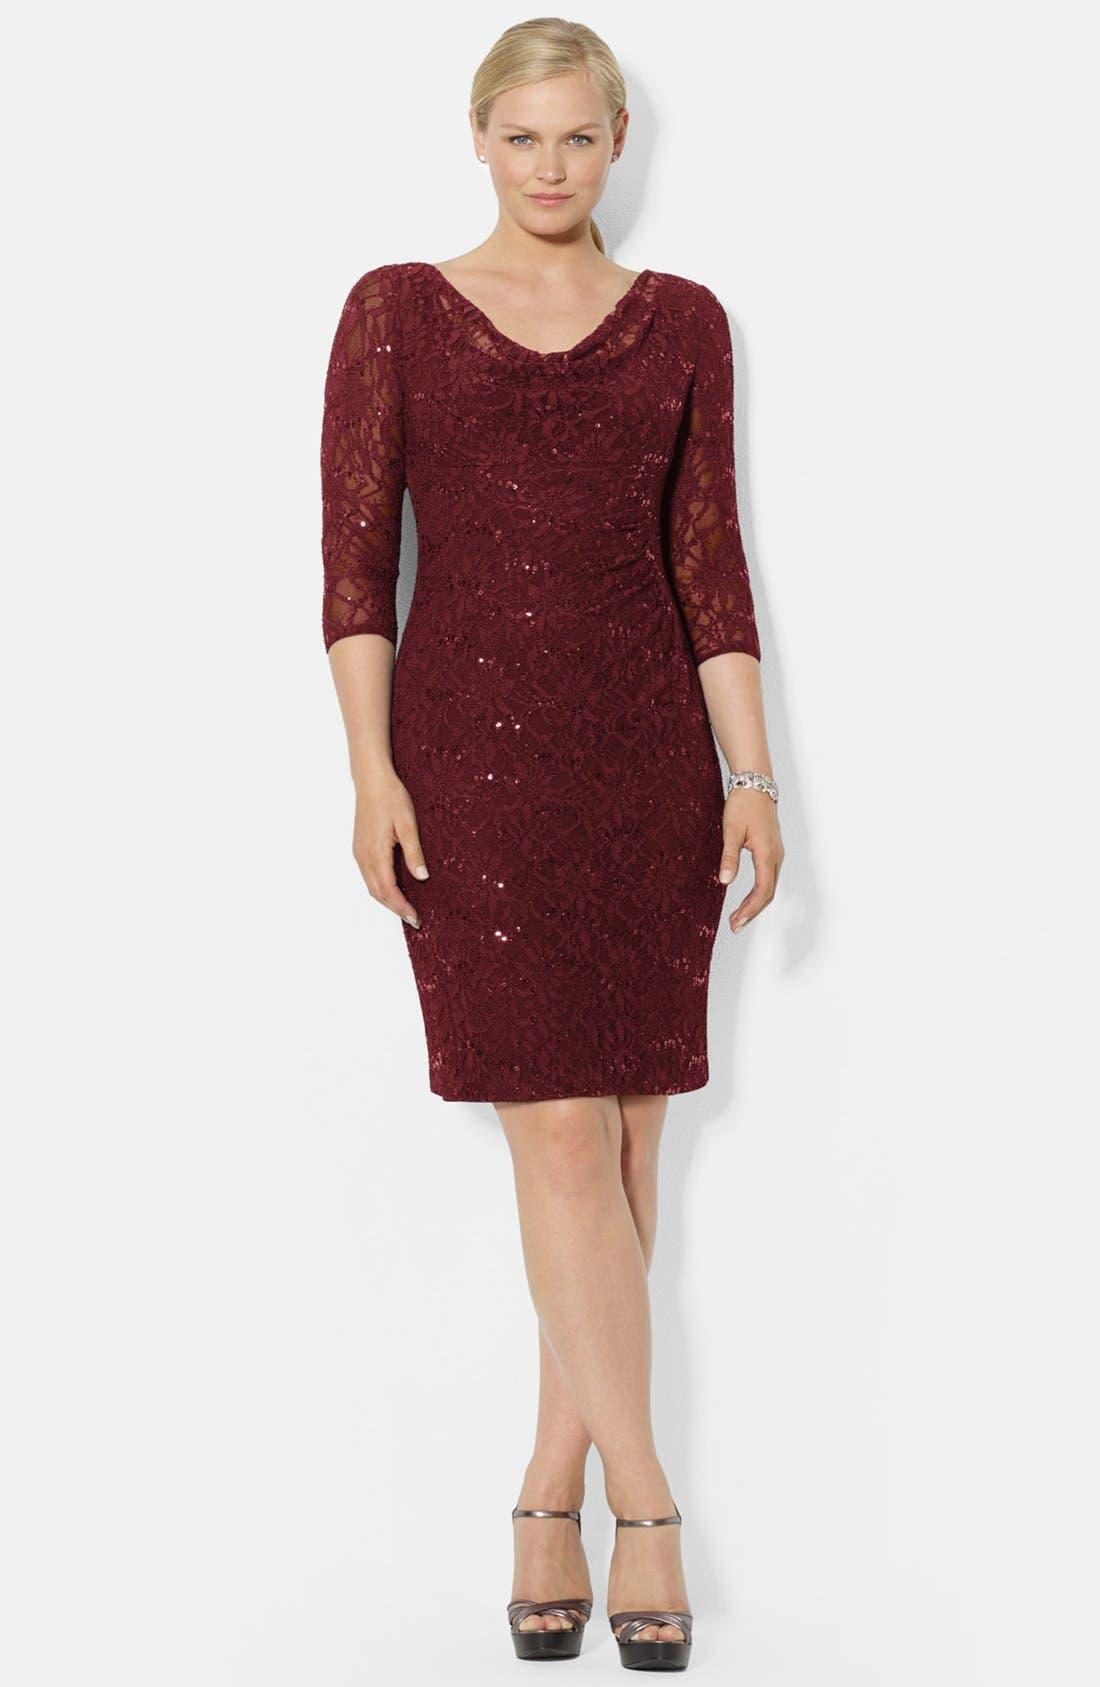 Alternate Image 1 Selected - Lauren Ralph Lauren Stretch Sequin Lace Dress (Plus Size)